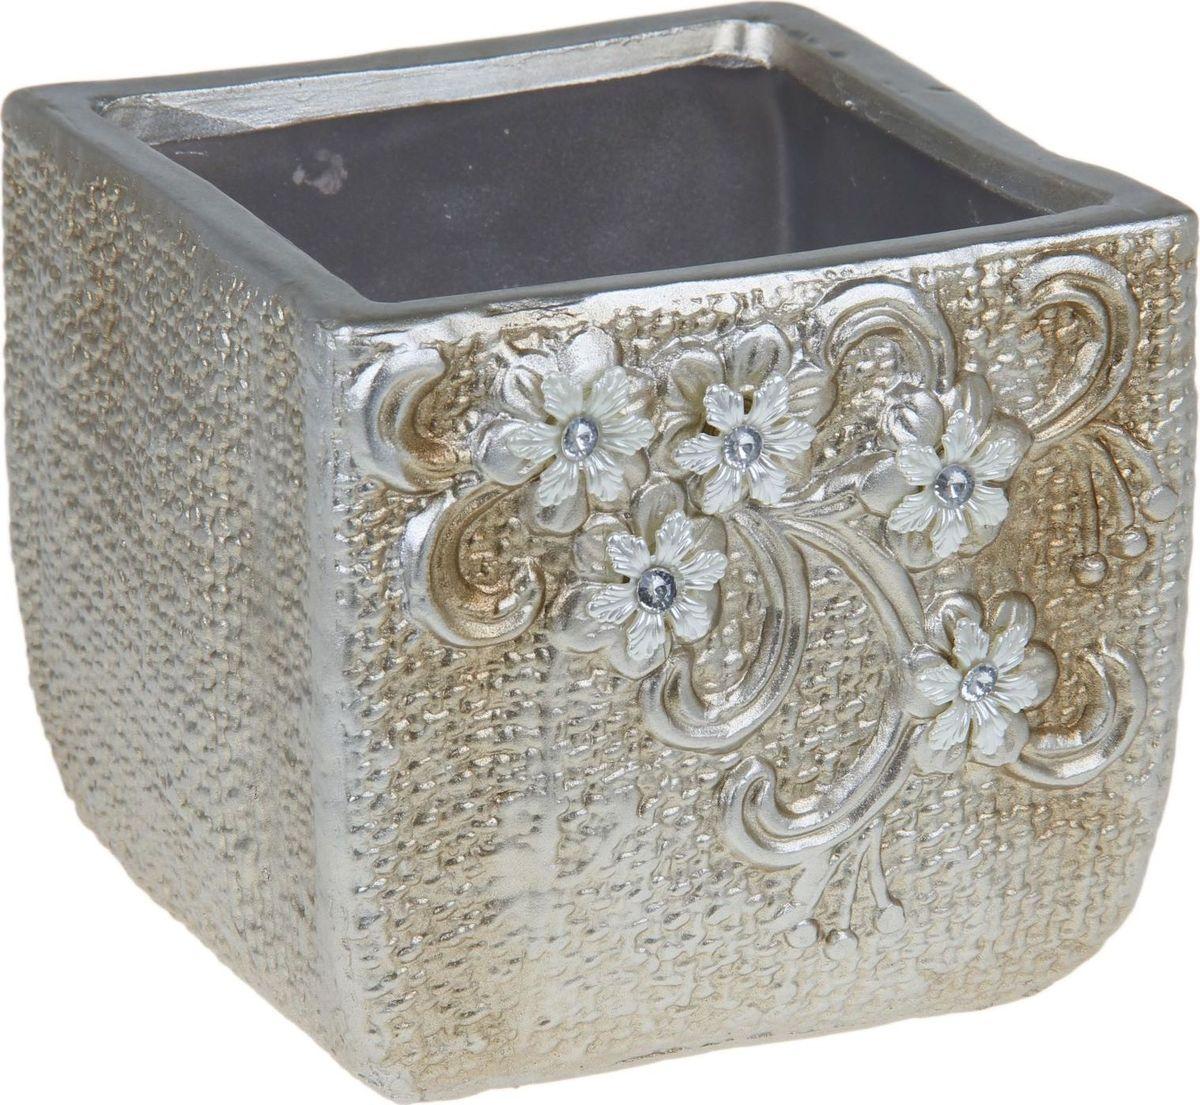 Кашпо Цветы, цвет: серебристый, 17 х 17 х 15 см1258954Комнатные растения — всеобщие любимцы. Они радуют глаз, насыщают помещение кислородом и украшают пространство. Каждому из них необходим свой удобный и красивый дом. Кашпо из керамики прекрасно подходят для высадки растений: за счет пластичности глины и разных способов обработки существует великое множество форм и дизайнов пористый материал позволяет испаряться лишней влаге воздух, необходимый для дыхания корней, проникает сквозь керамические стенки! позаботится о зеленом питомце, освежит интерьер и подчеркнет его стиль.